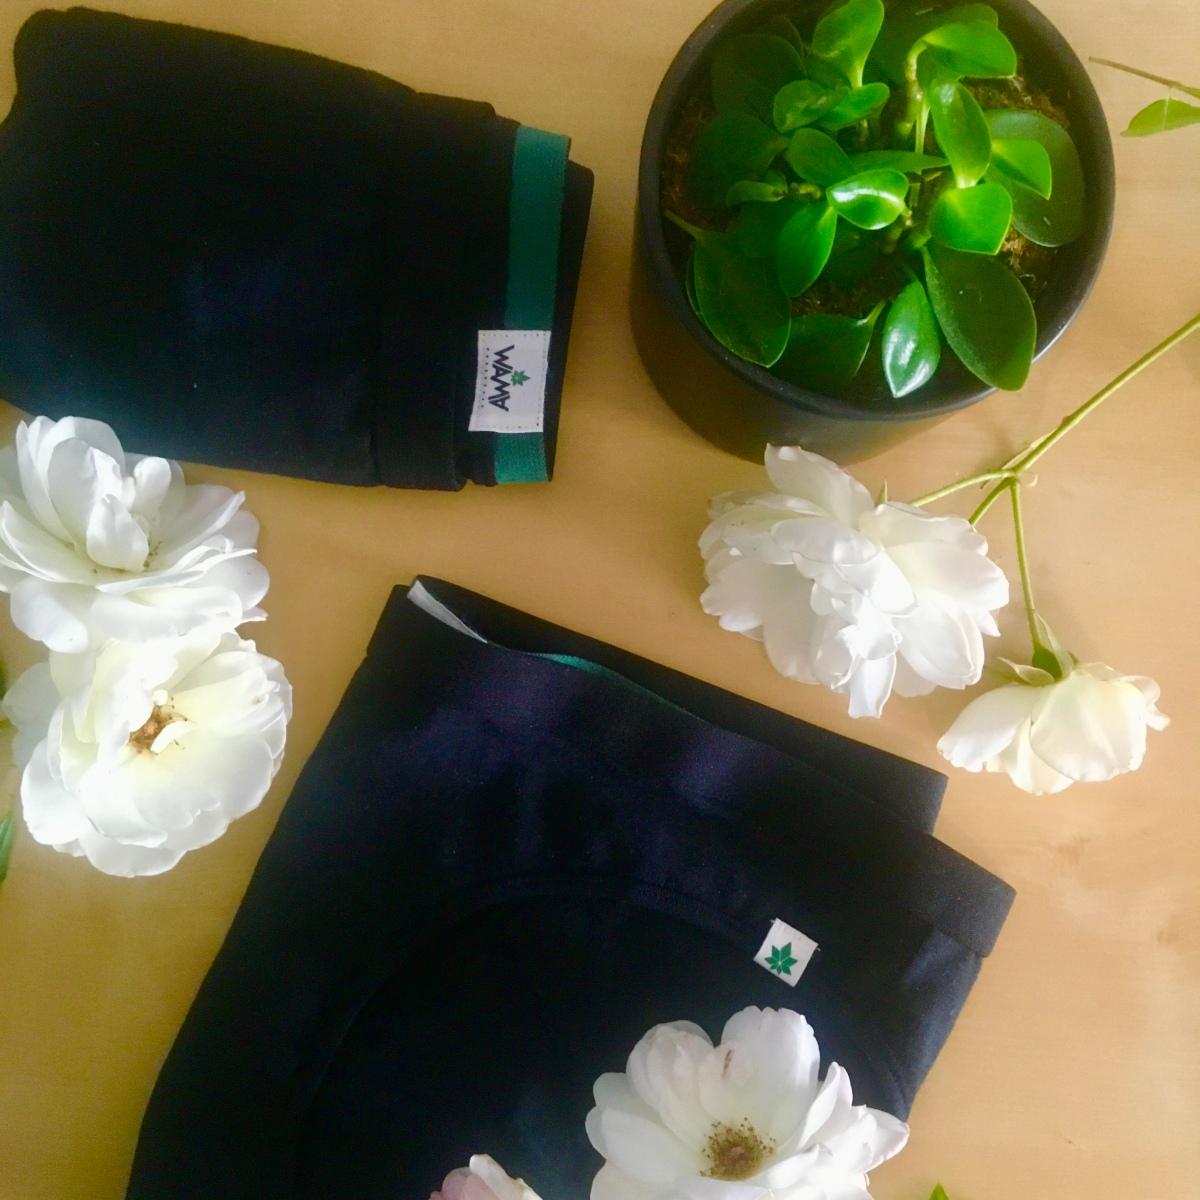 WAMA – Sustainableunderwear